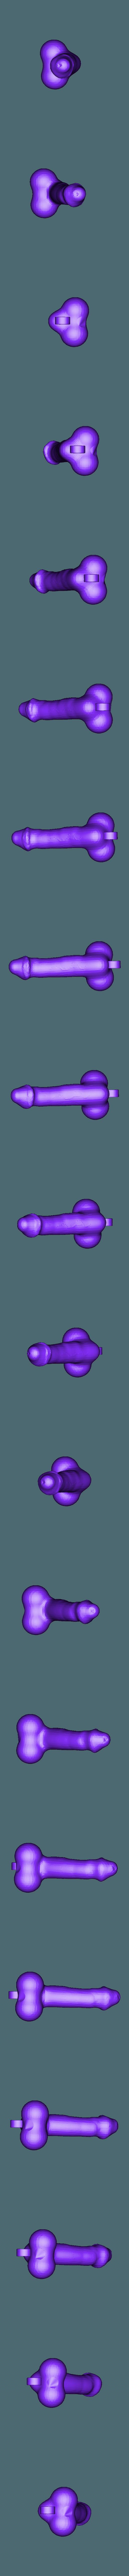 AU30_bite porte clef-05-01.stl Télécharger fichier STL bite porte clef • Plan pour impression 3D, dsf